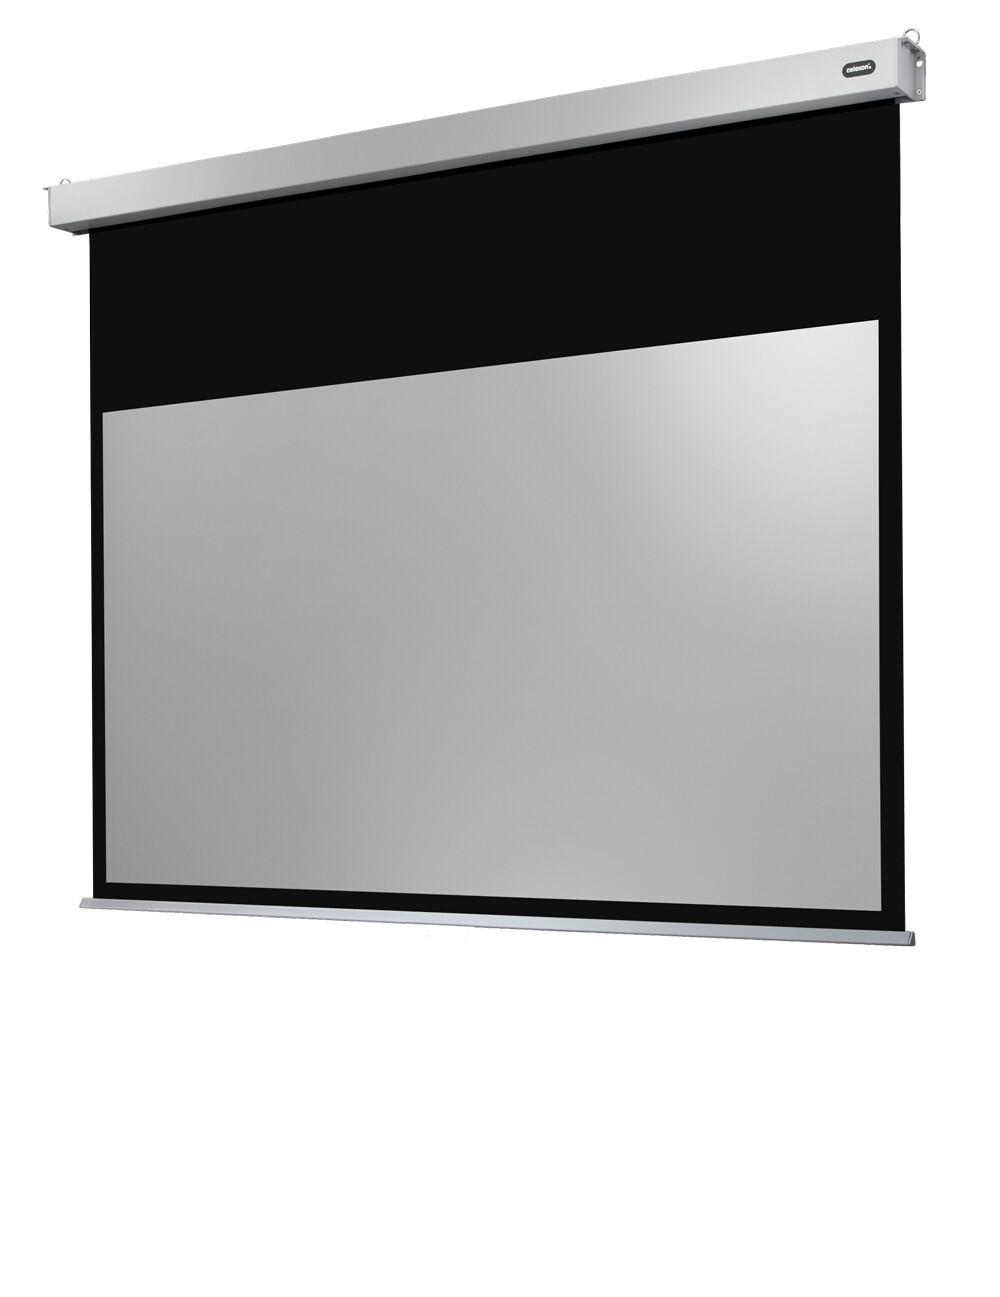 Ecran de projection celexon Motorisé PRO PLUS 220 x 124cm